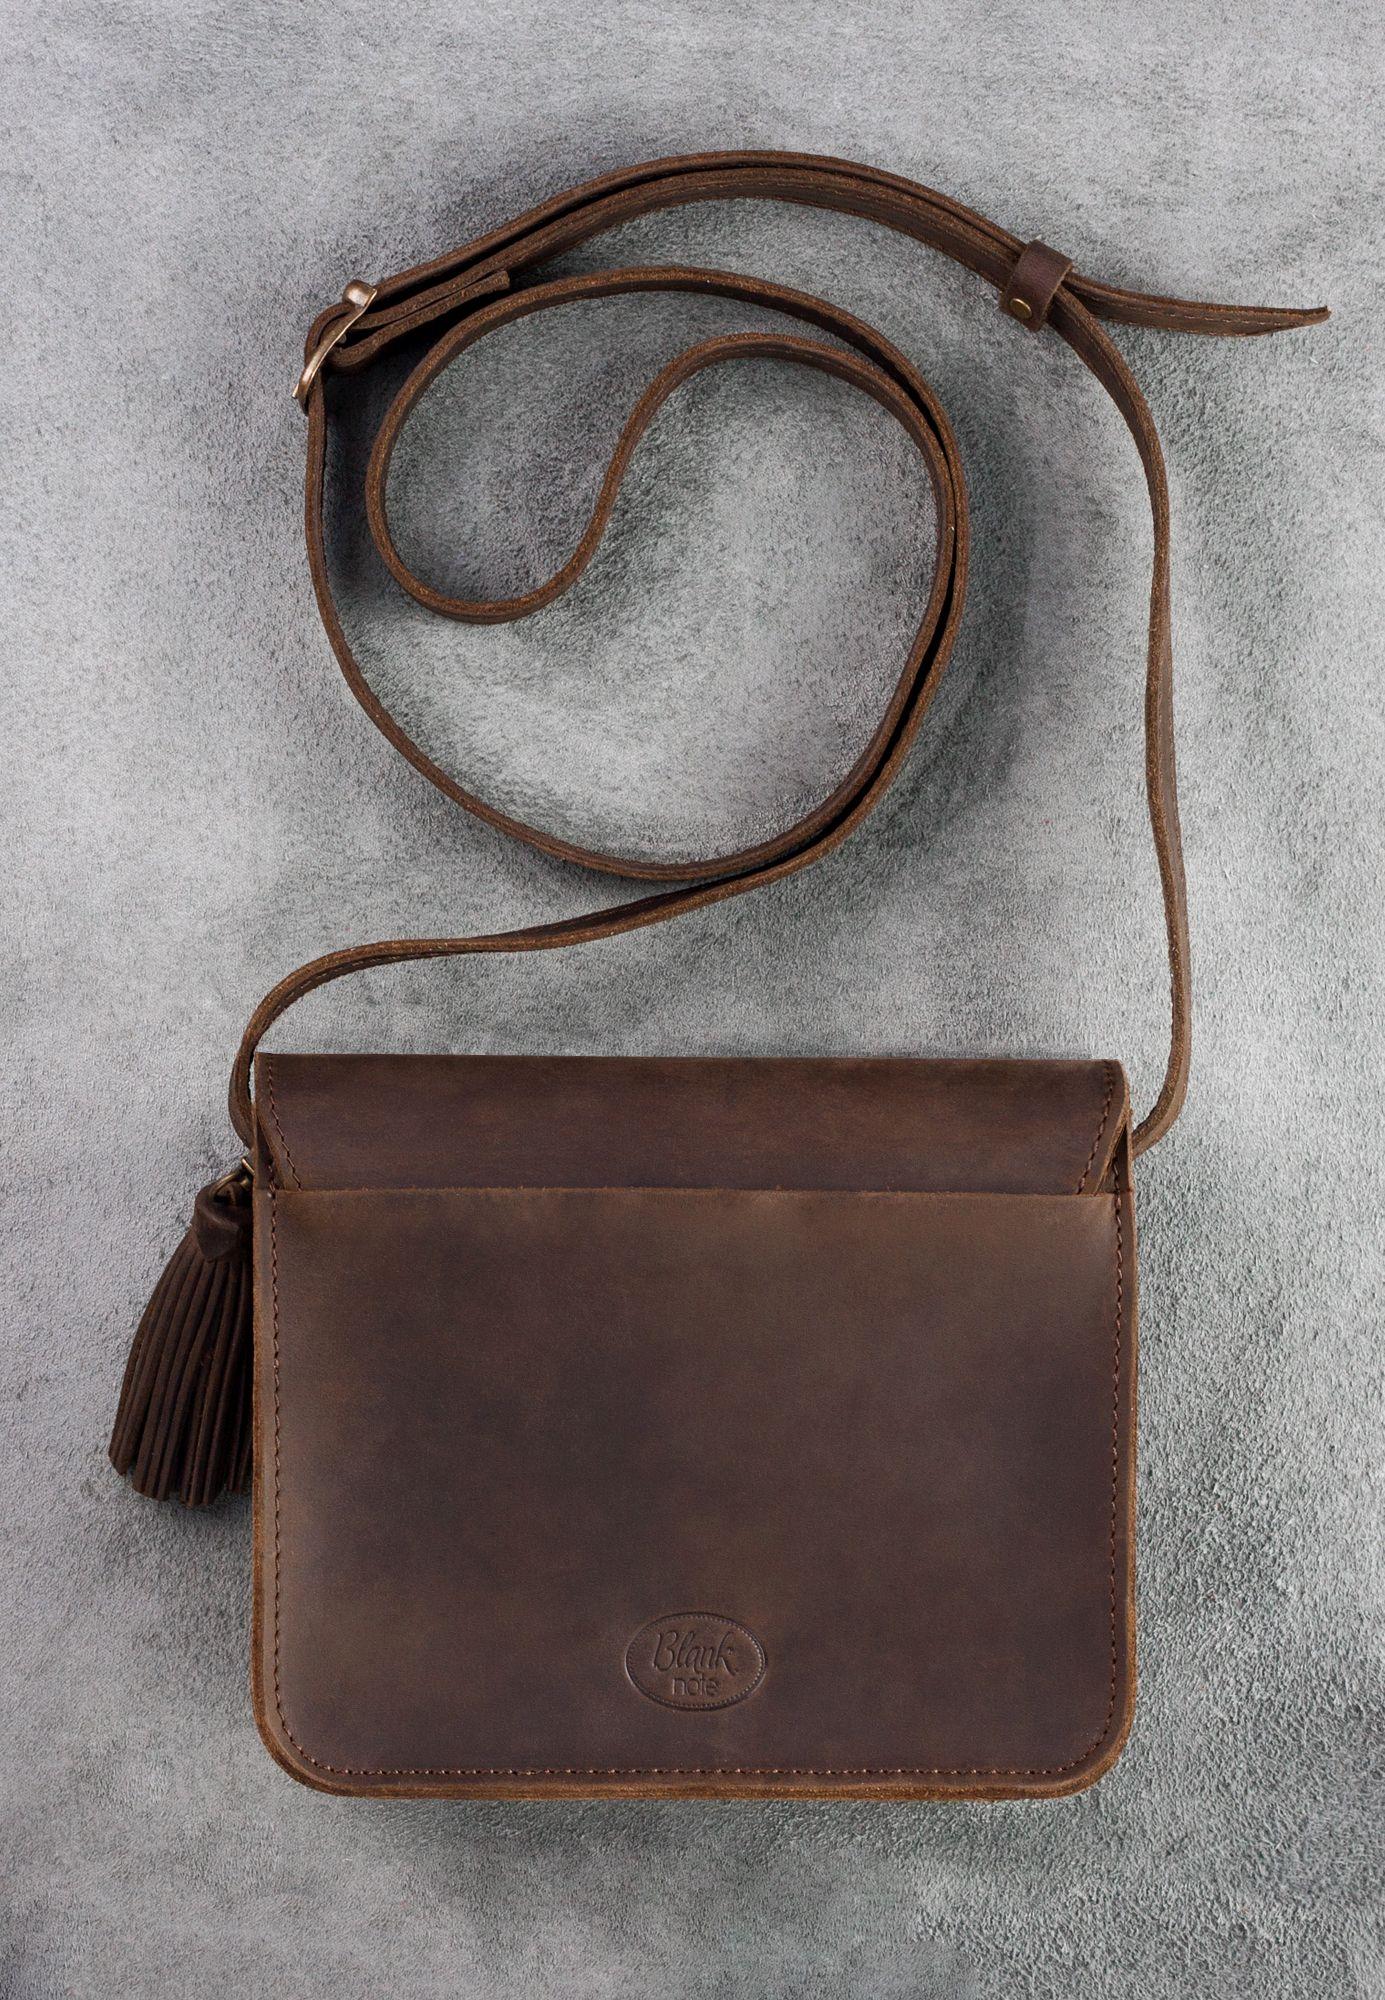 Бохо-сумка Лилу орех Фото 2